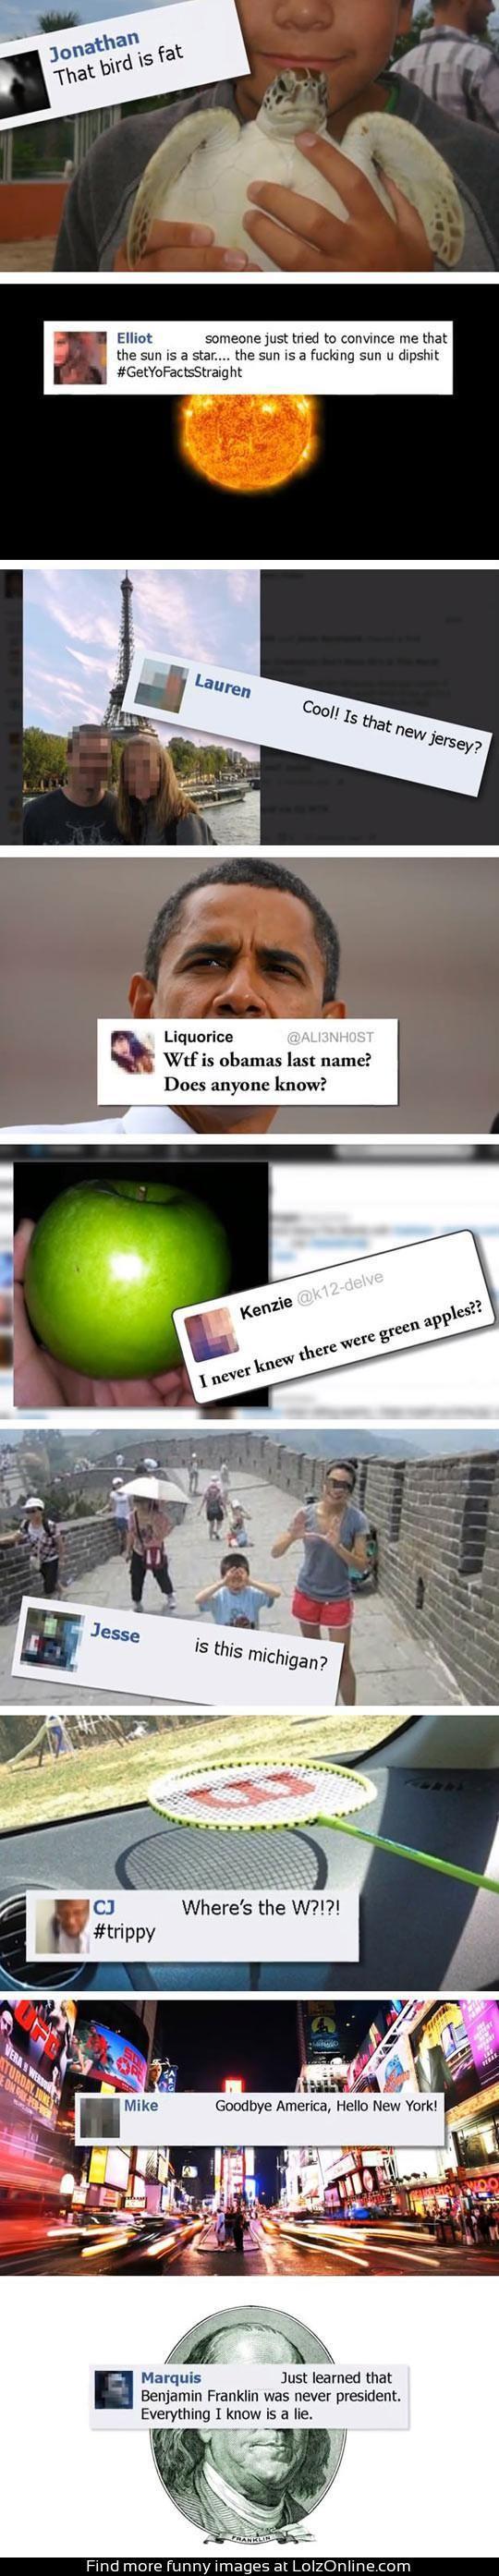 People are soooo ignorant #dumbasses